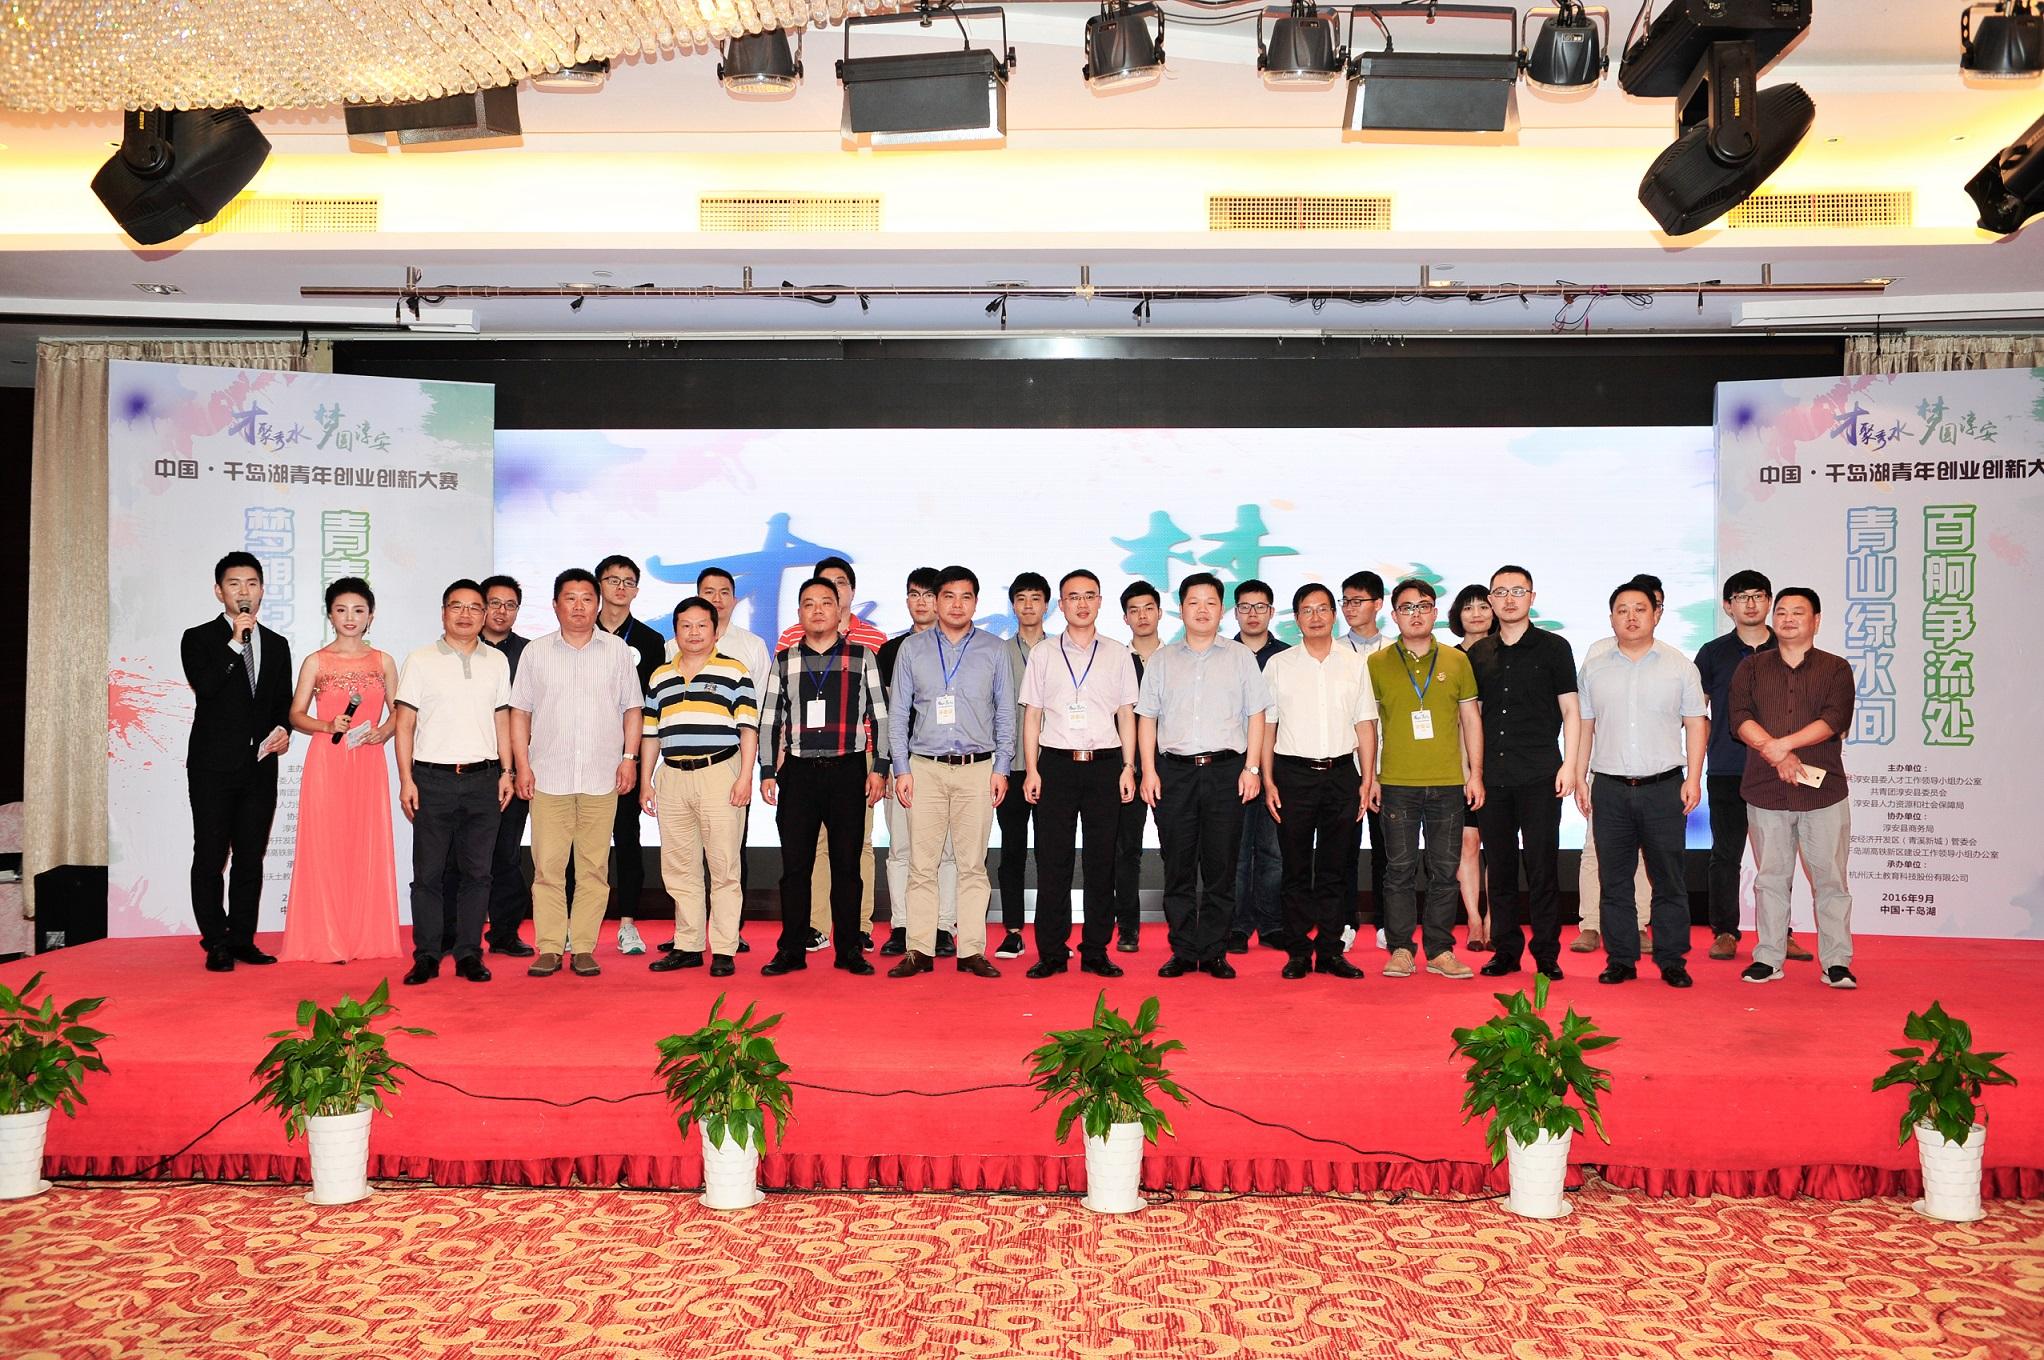 全力打造双创驱动,激活淳安经济新动能 ——中国·千岛湖青年创业创新大赛圆满落幕